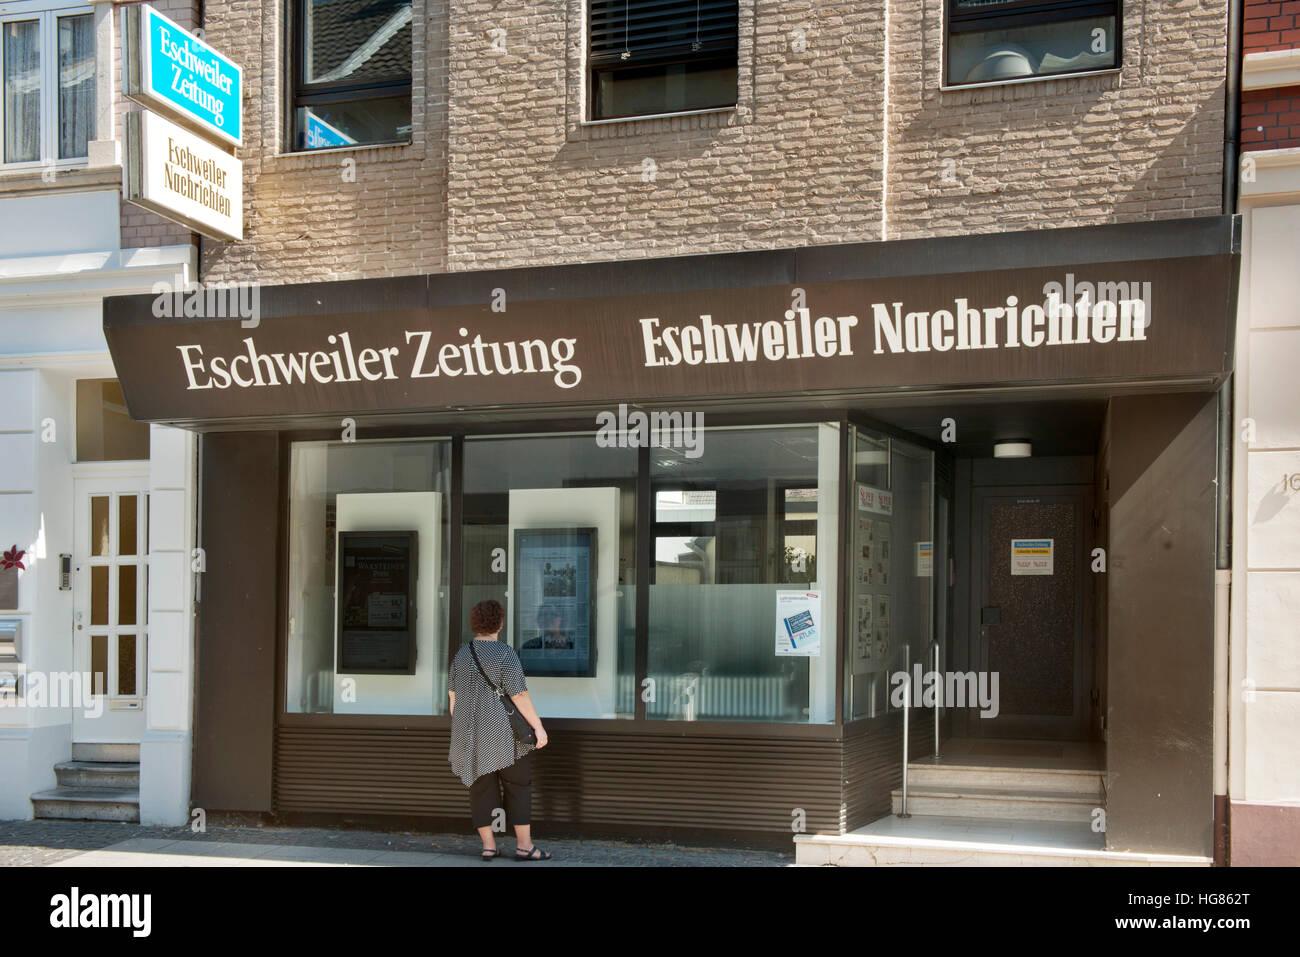 Deutschland, NRW, Städteregion Aachen, Eschweiler, Redaktion der Eschweiler Nachrichten in der Fußgängerzone - Stock Image